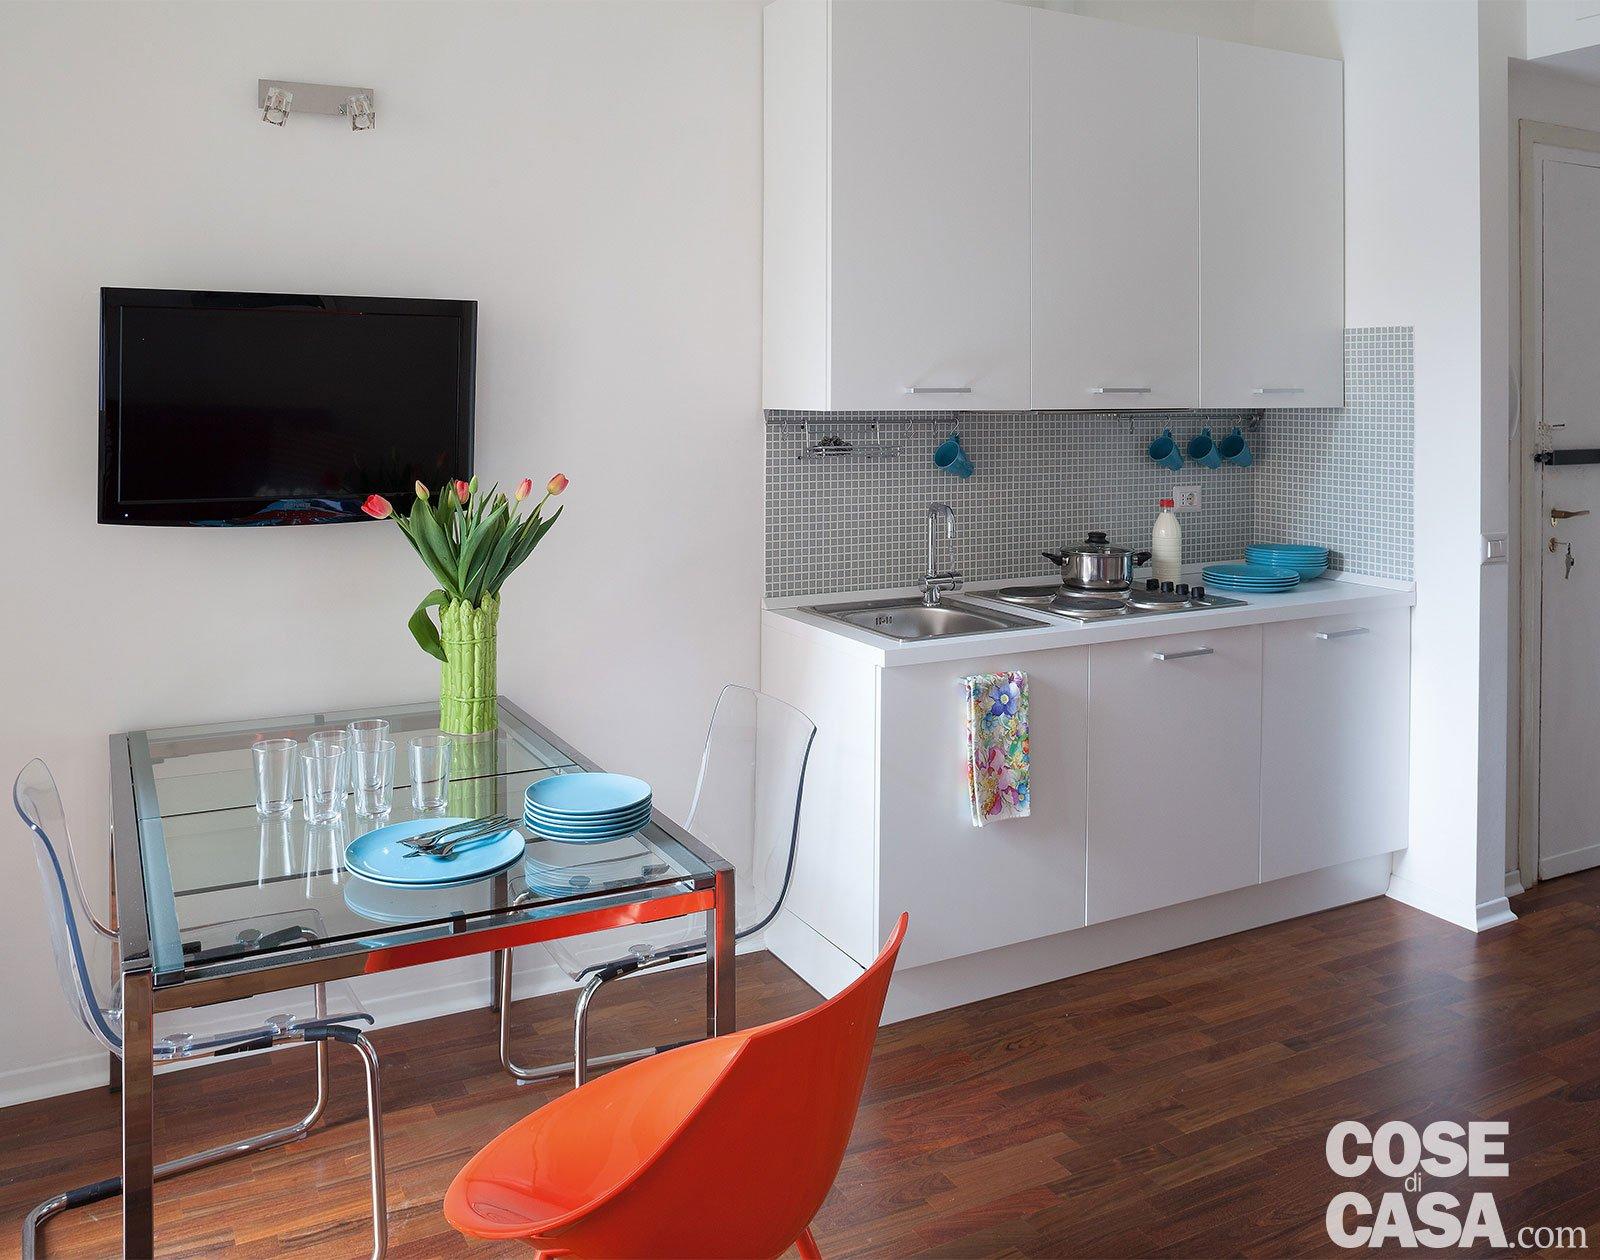 Metri Quadri Minimi Per Abitabilità monolocale: 28 mq ben sfruttati - cose di casa